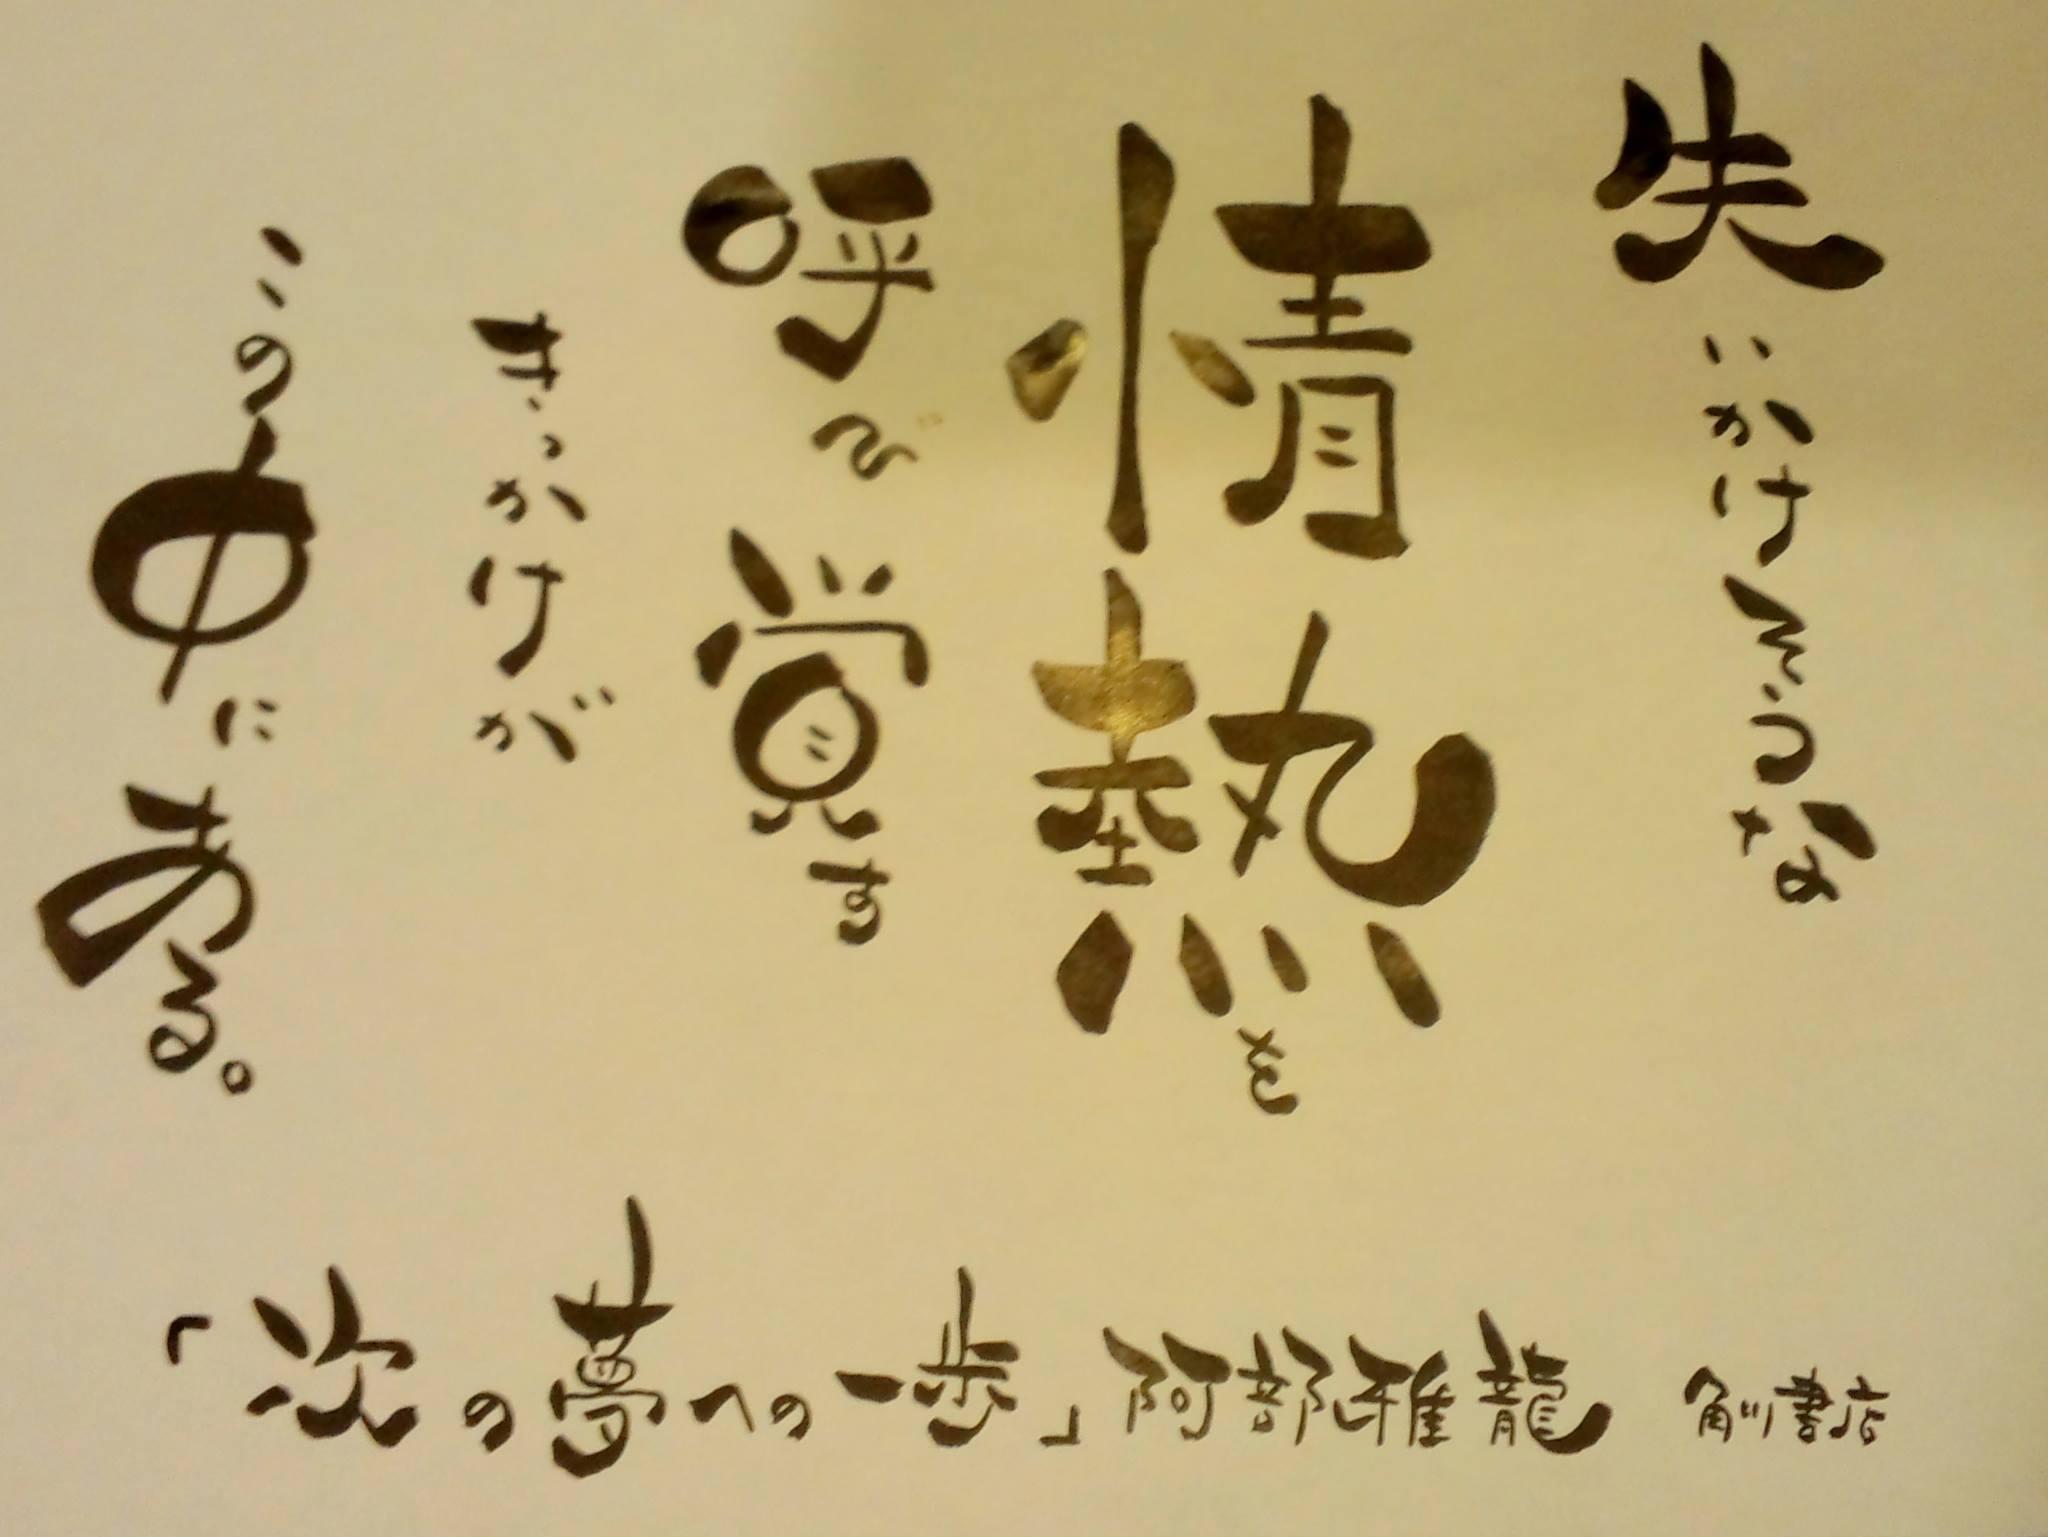 『次の夢への一歩』著:阿部雅龍 出版記念イベント!_e0111396_18303328.jpg